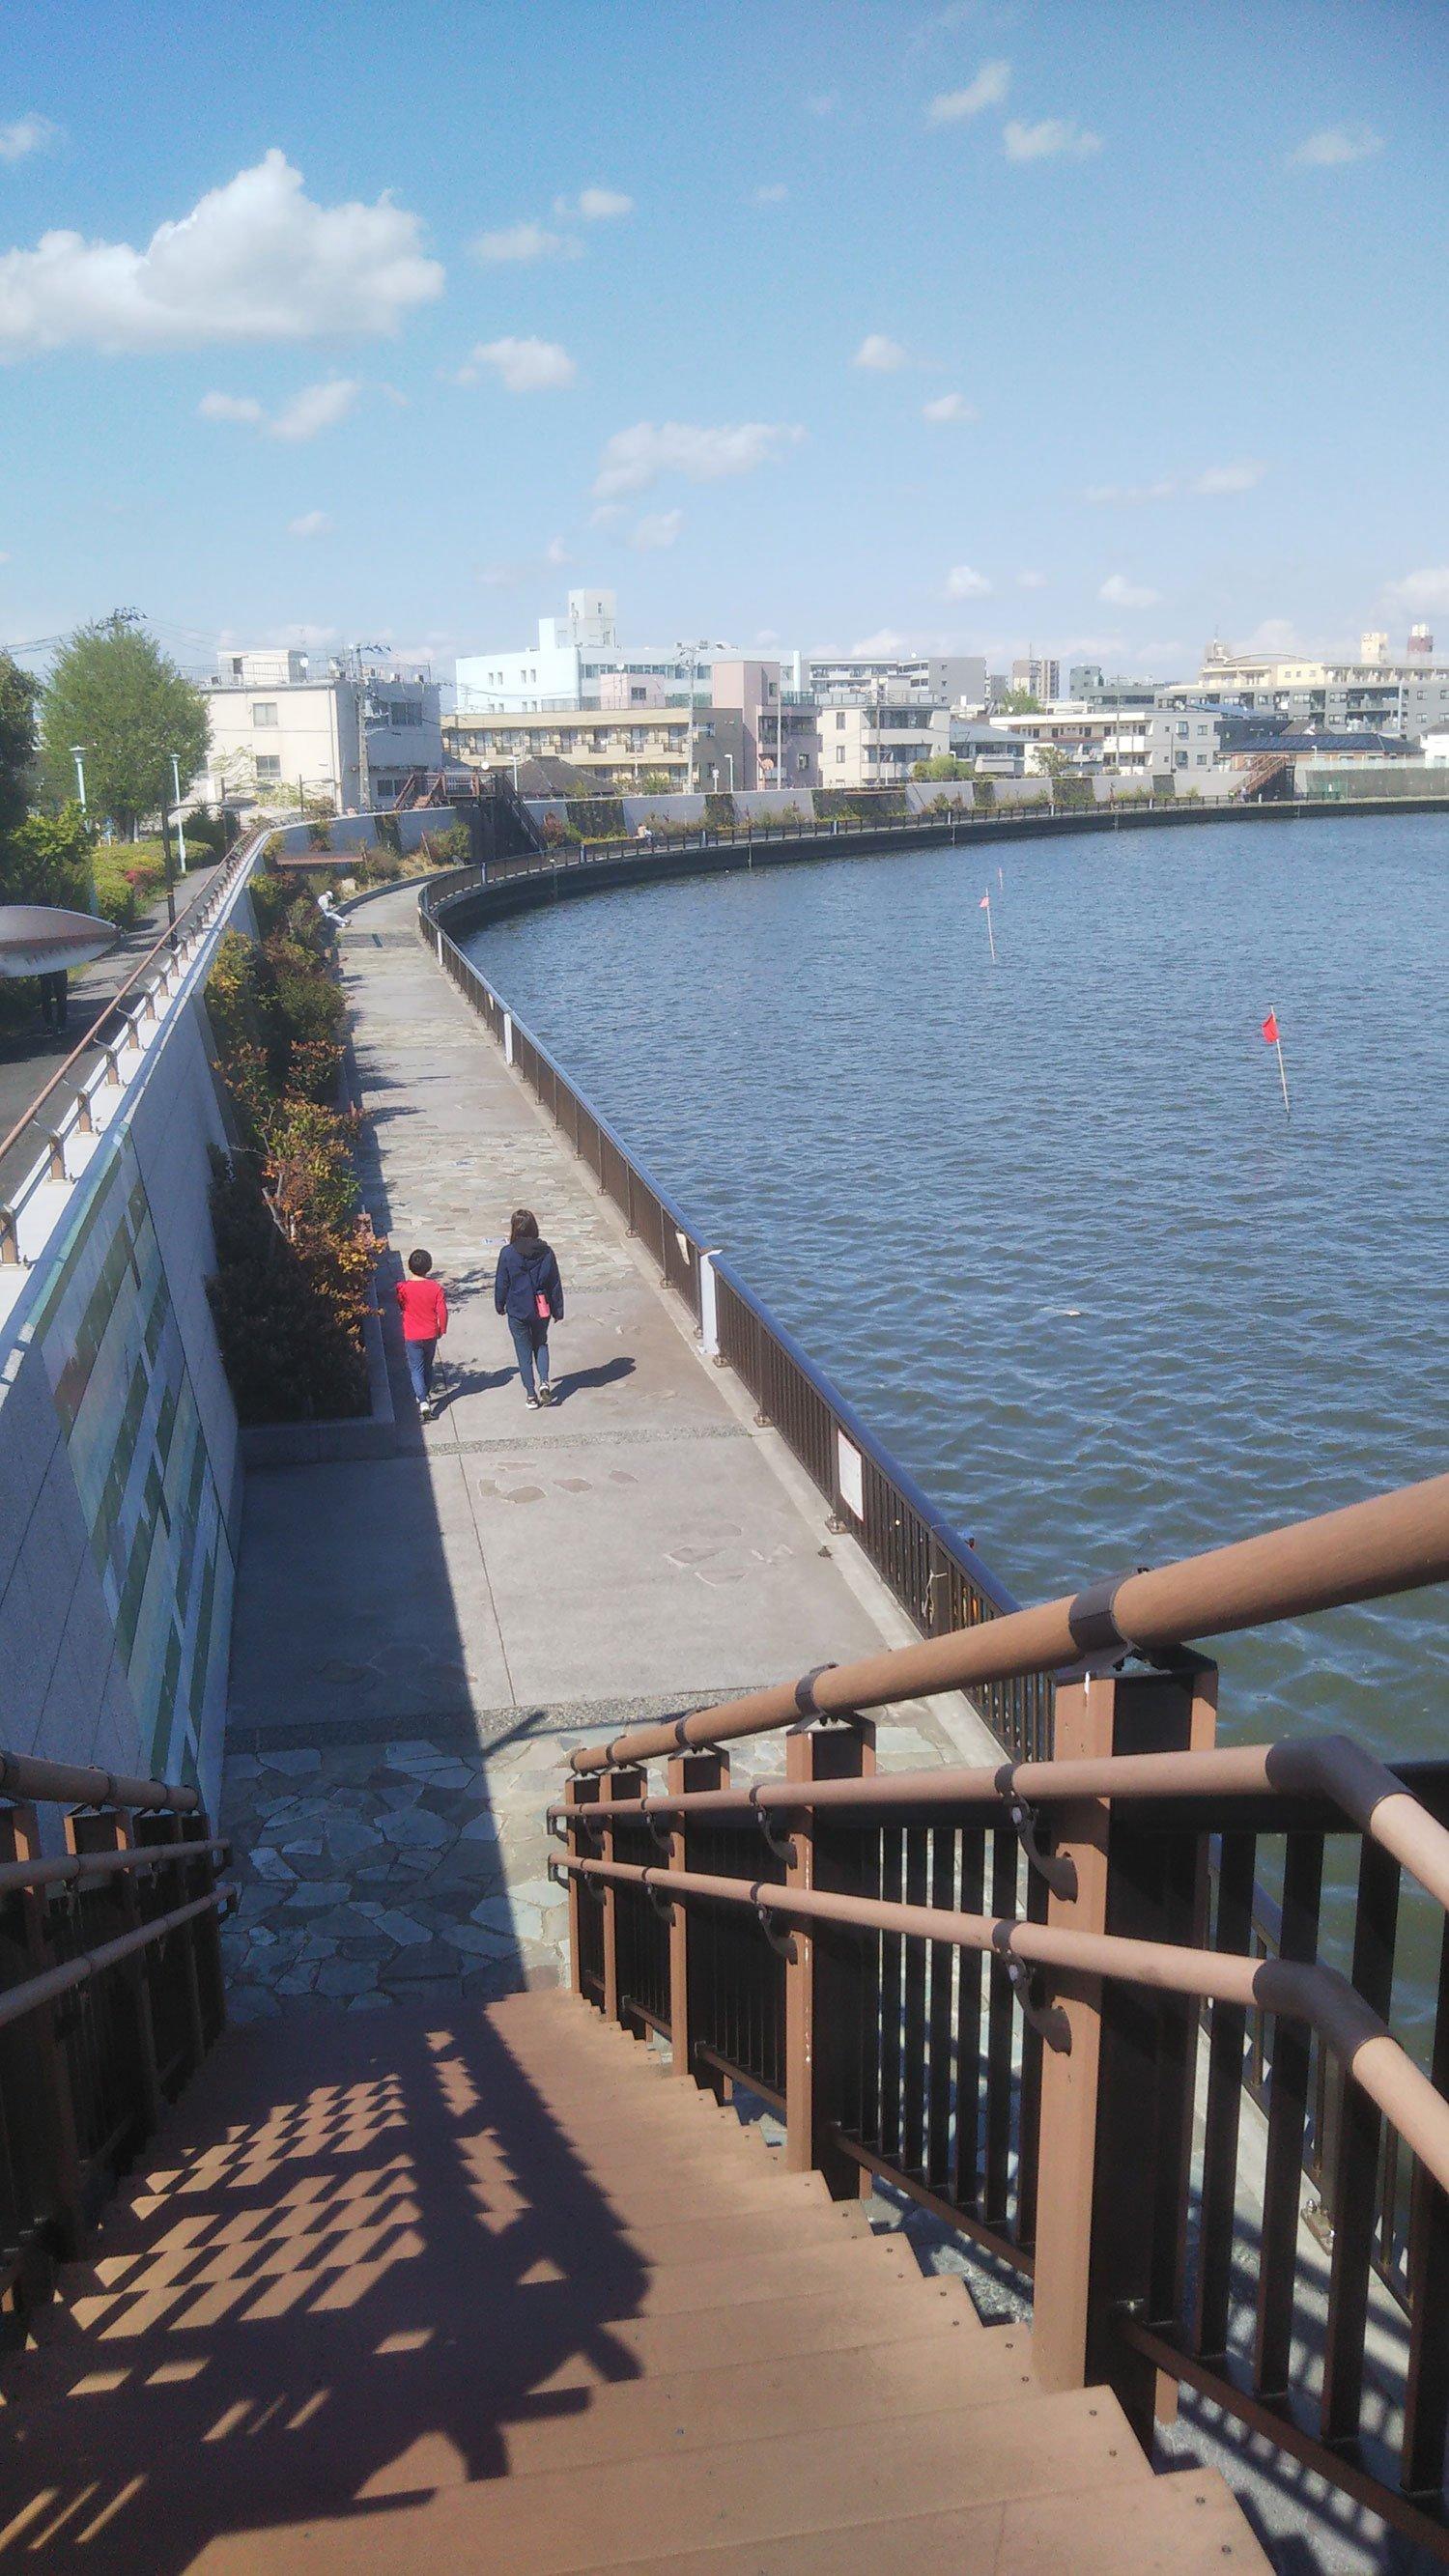 江戸川もいいけど、中川もまた葛飾的風情がgoodです。